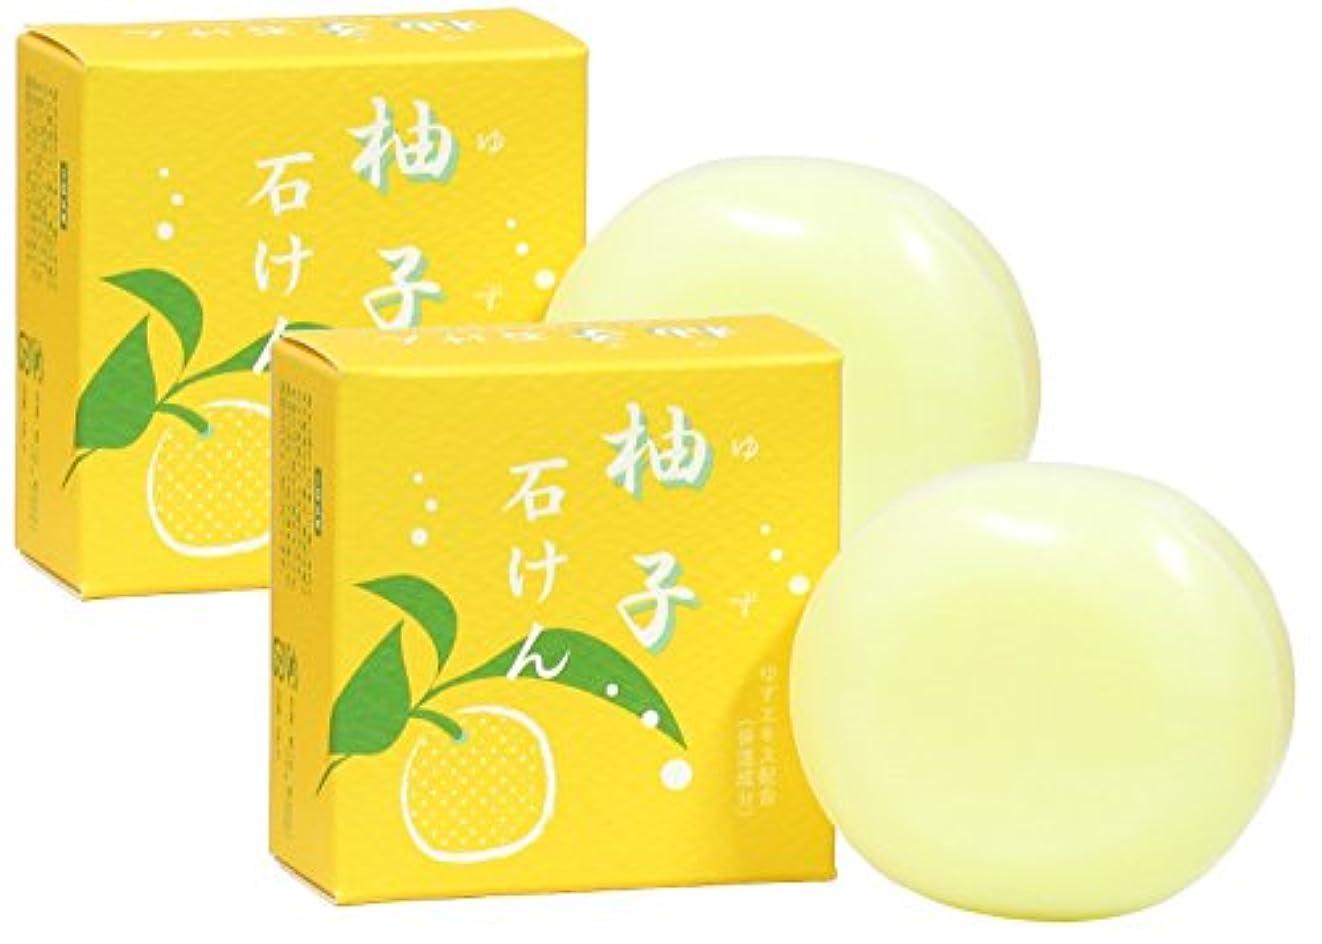 満足肌寒い篭ゆず石鹸100g×2個 ユズ 柚子 石けん せっけん セッケン